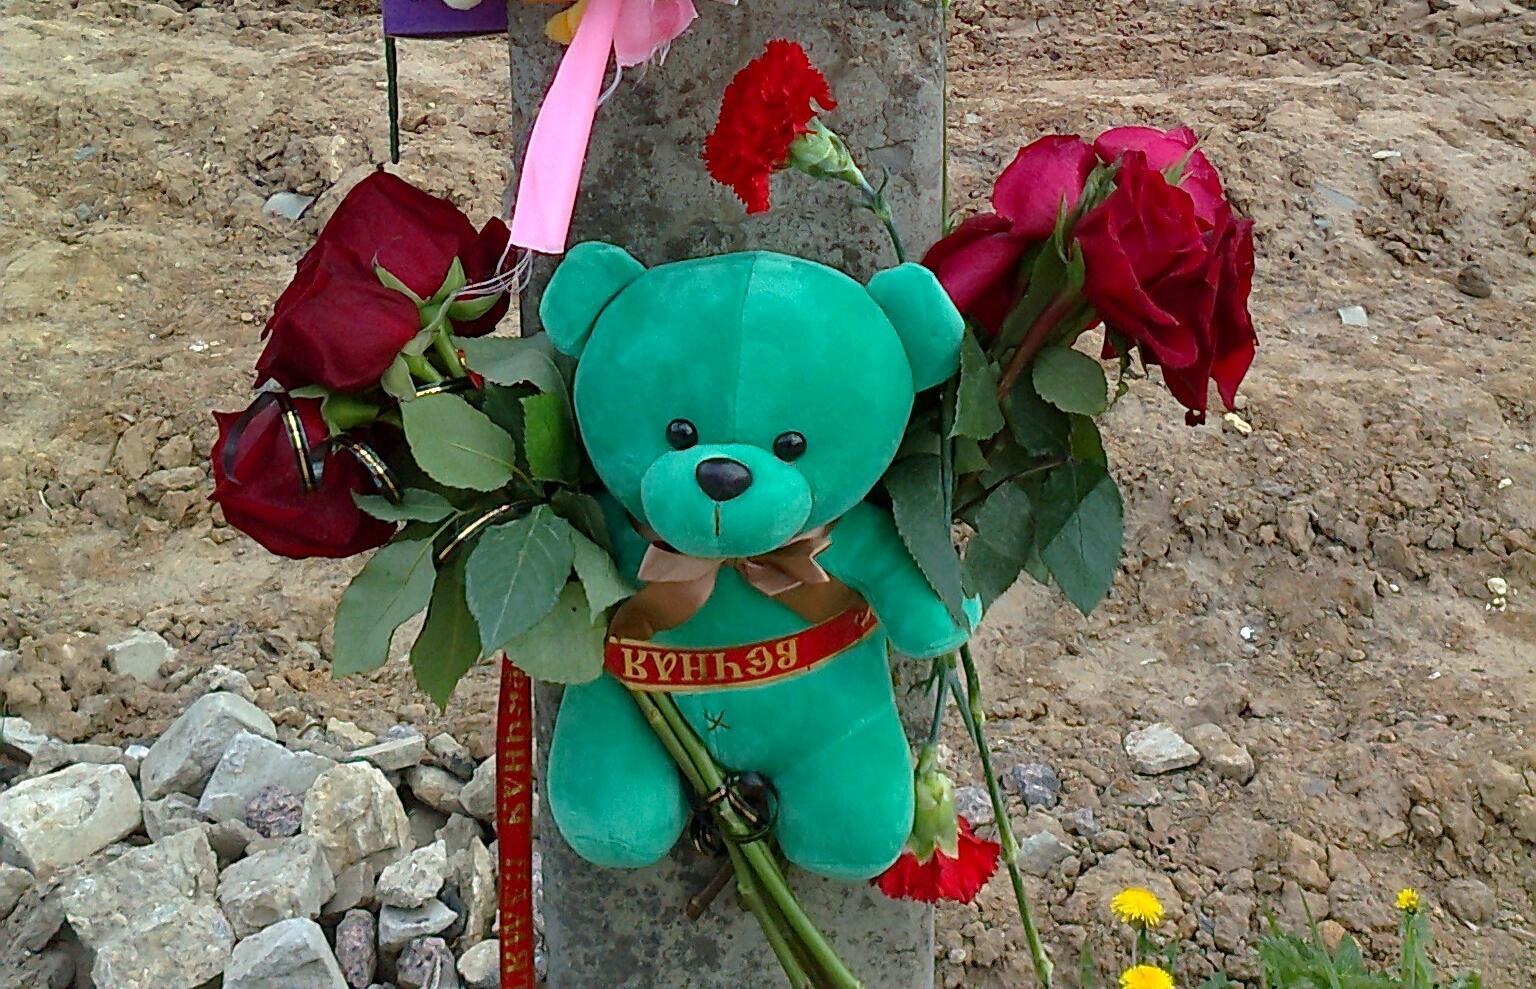 К месту гибели 4-летней жительницы Тверской области люди несут цветы и игрушки